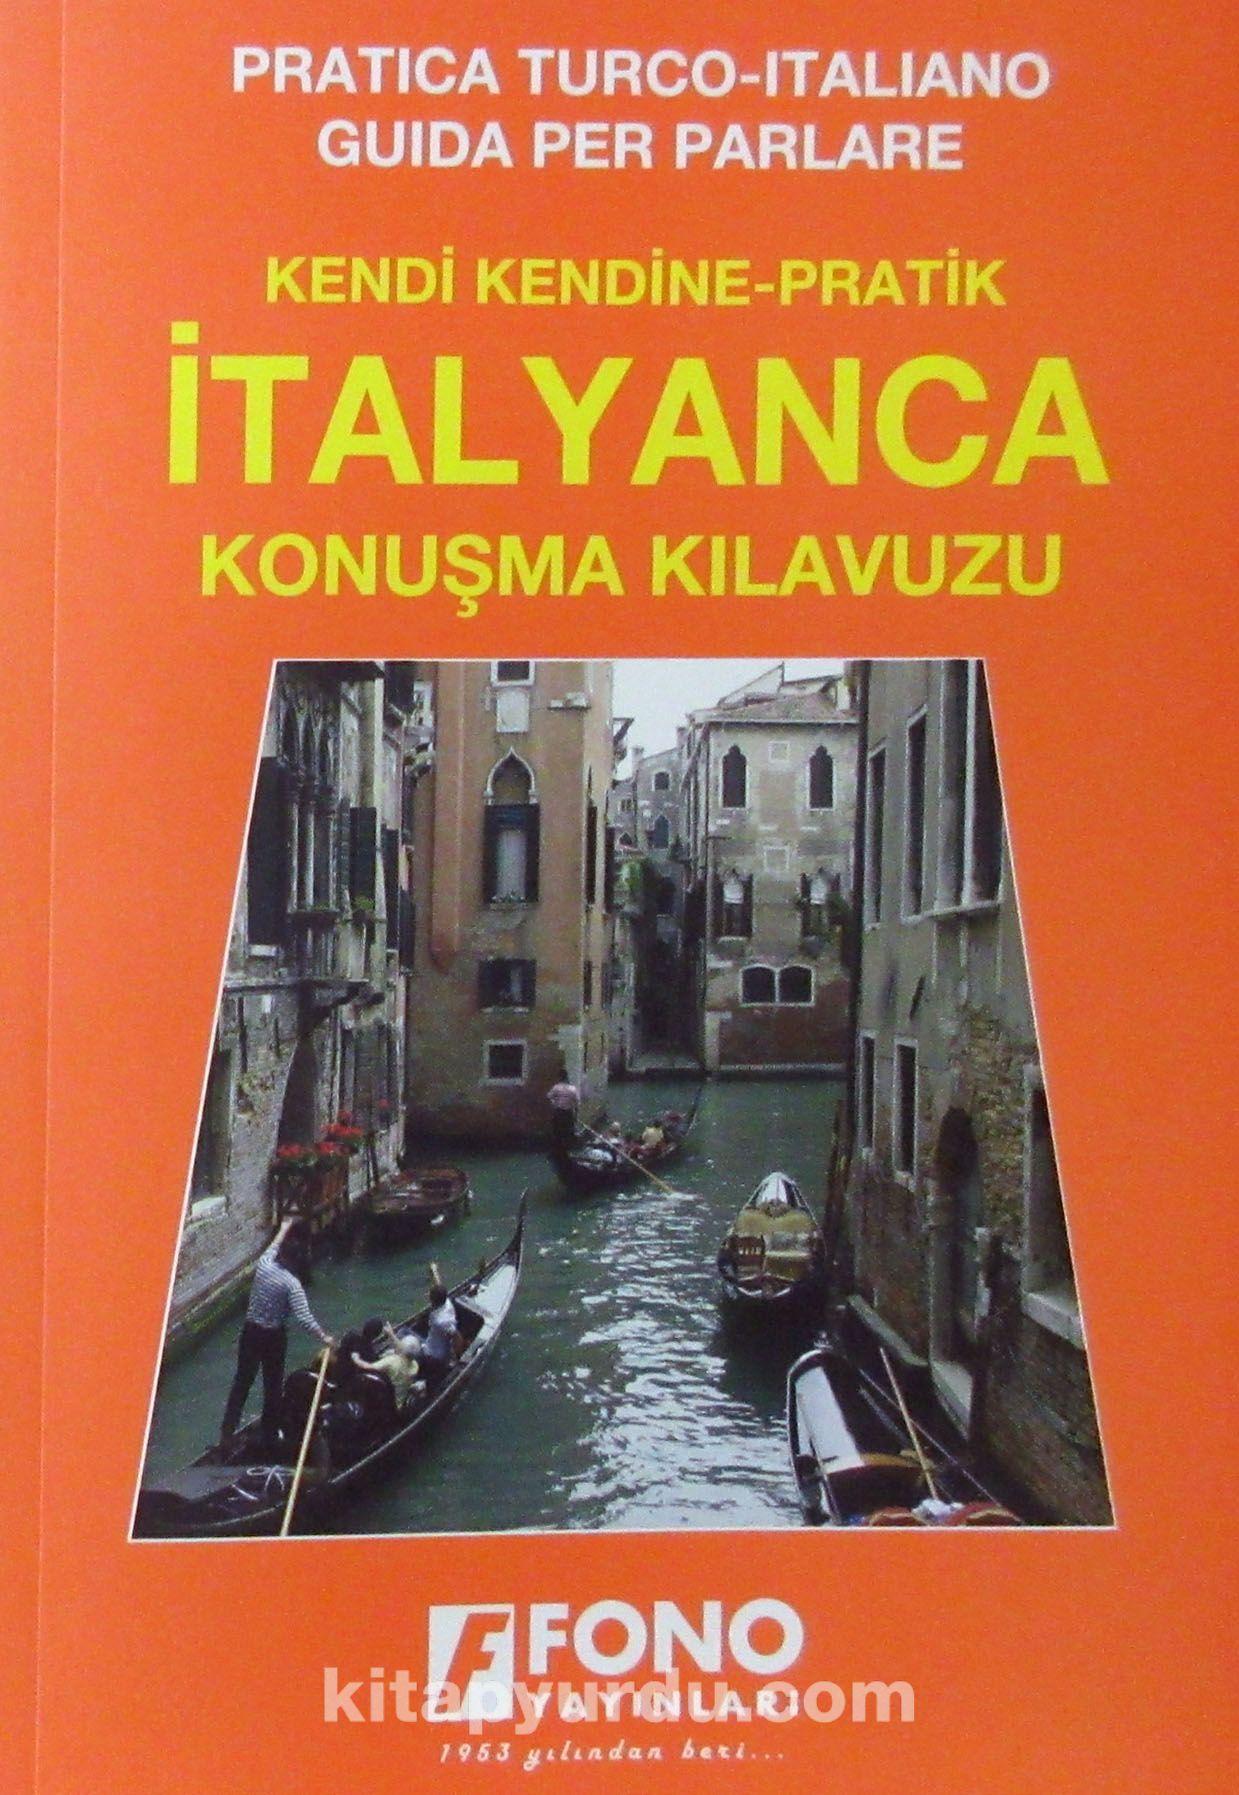 Kendi Kendine Pratik İtalyanca Konuşma Kılavuzu